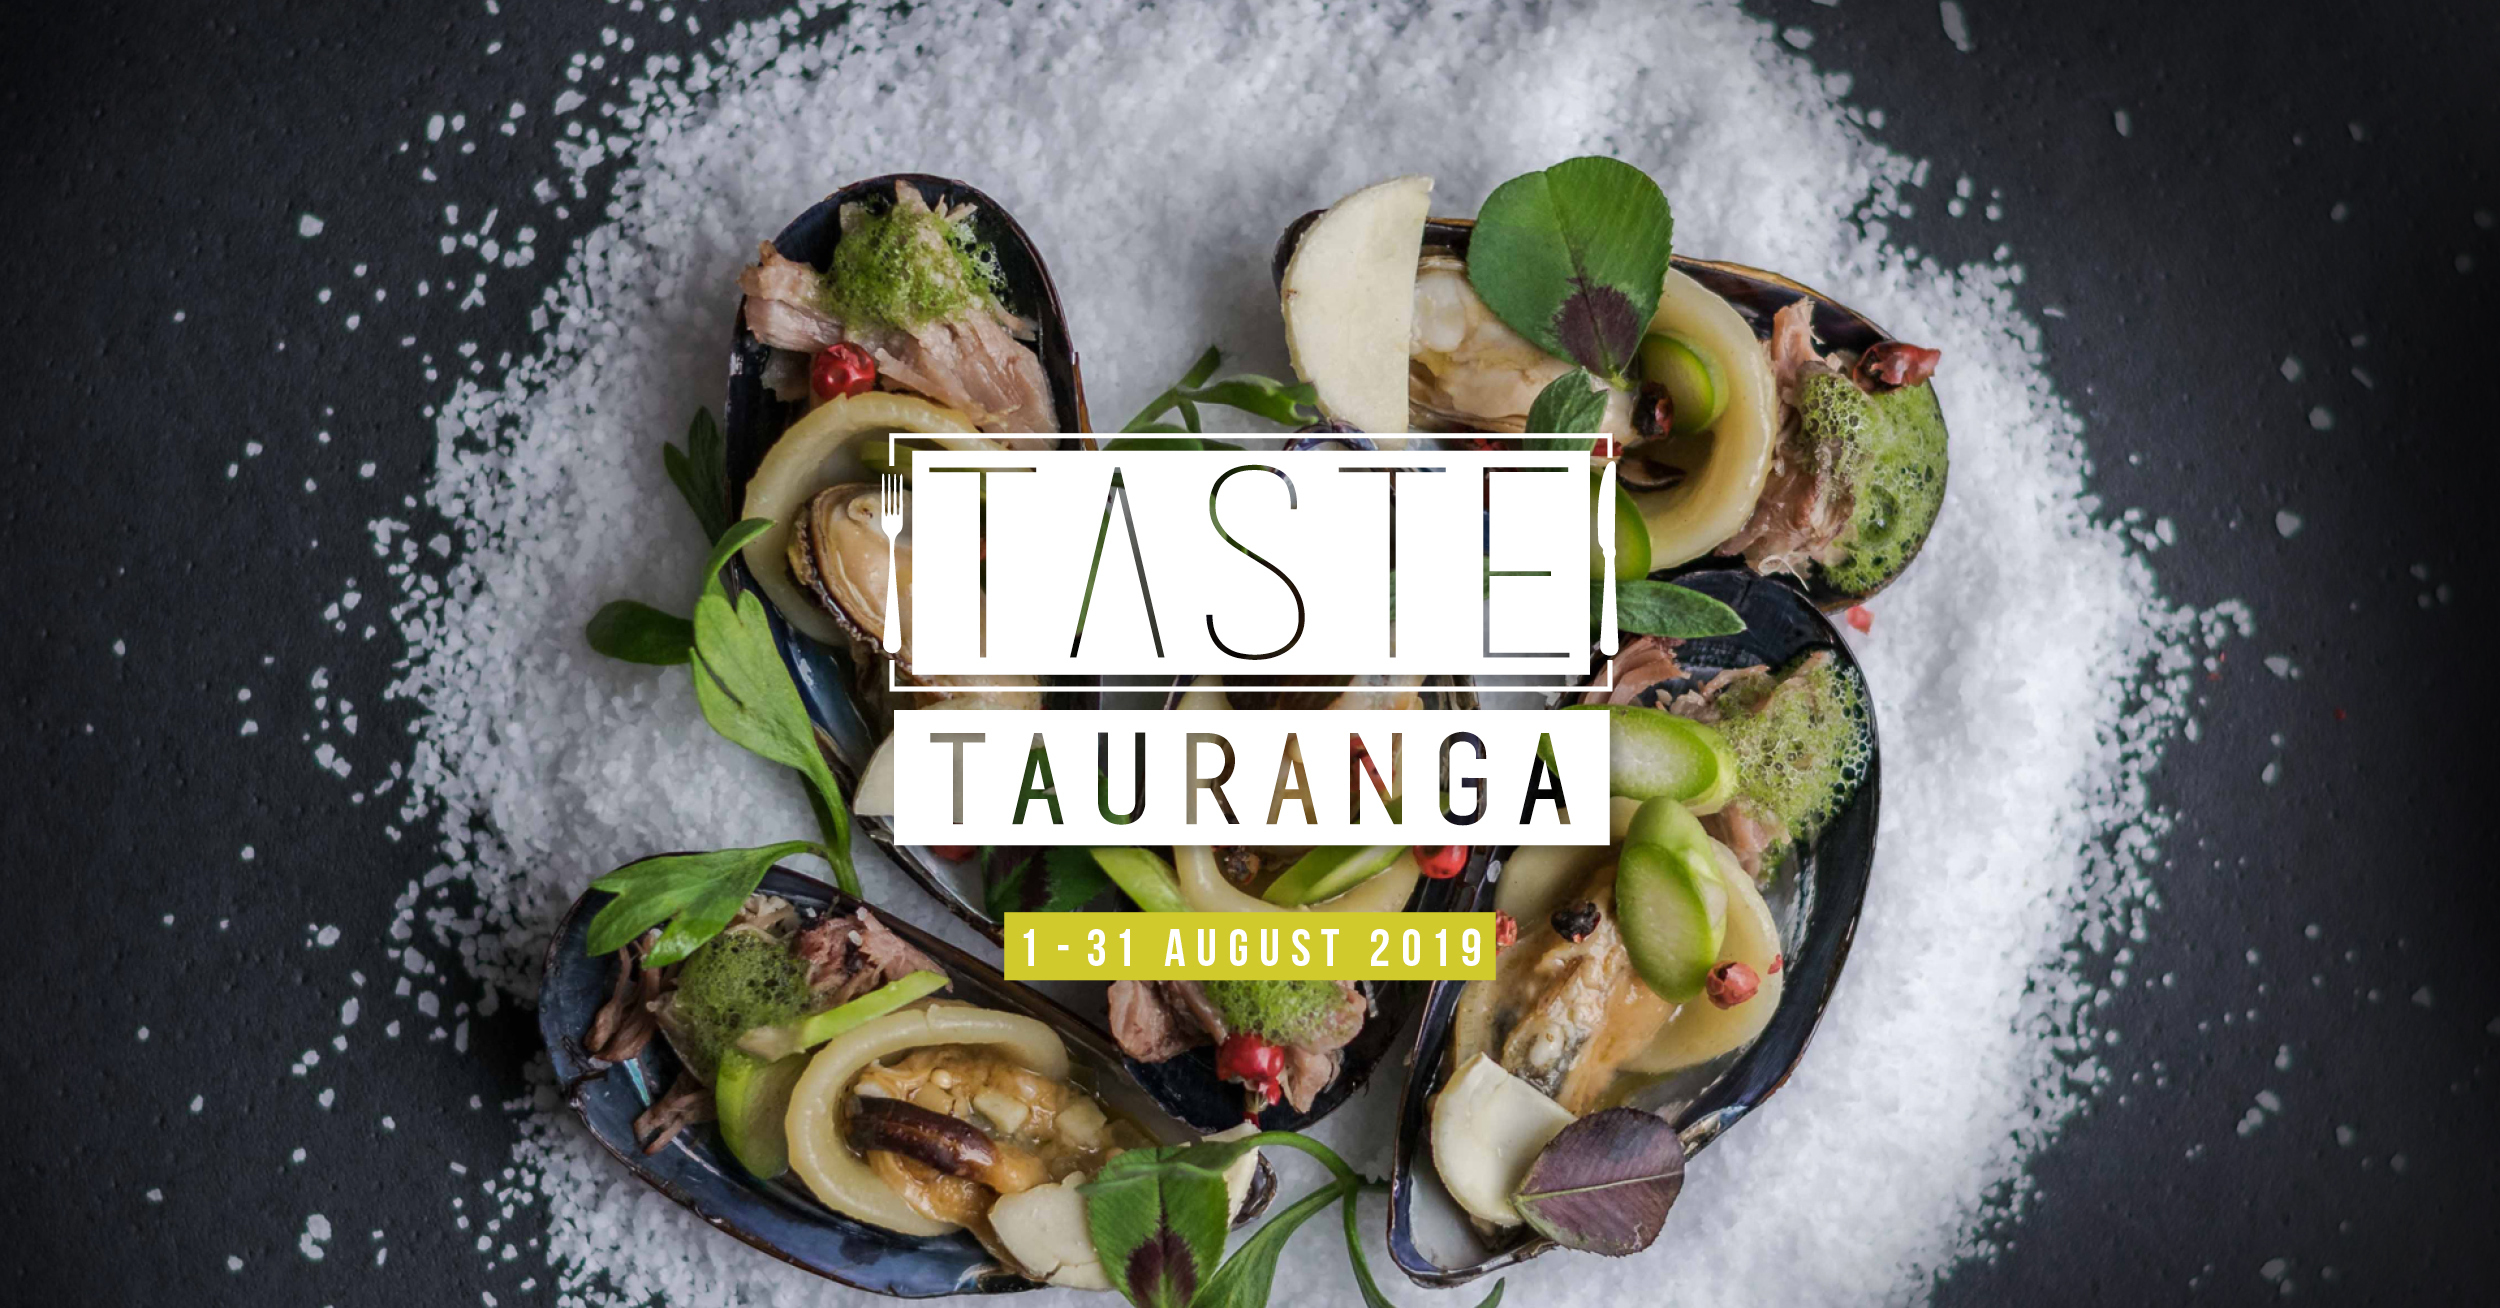 Taste Tauranga 2019